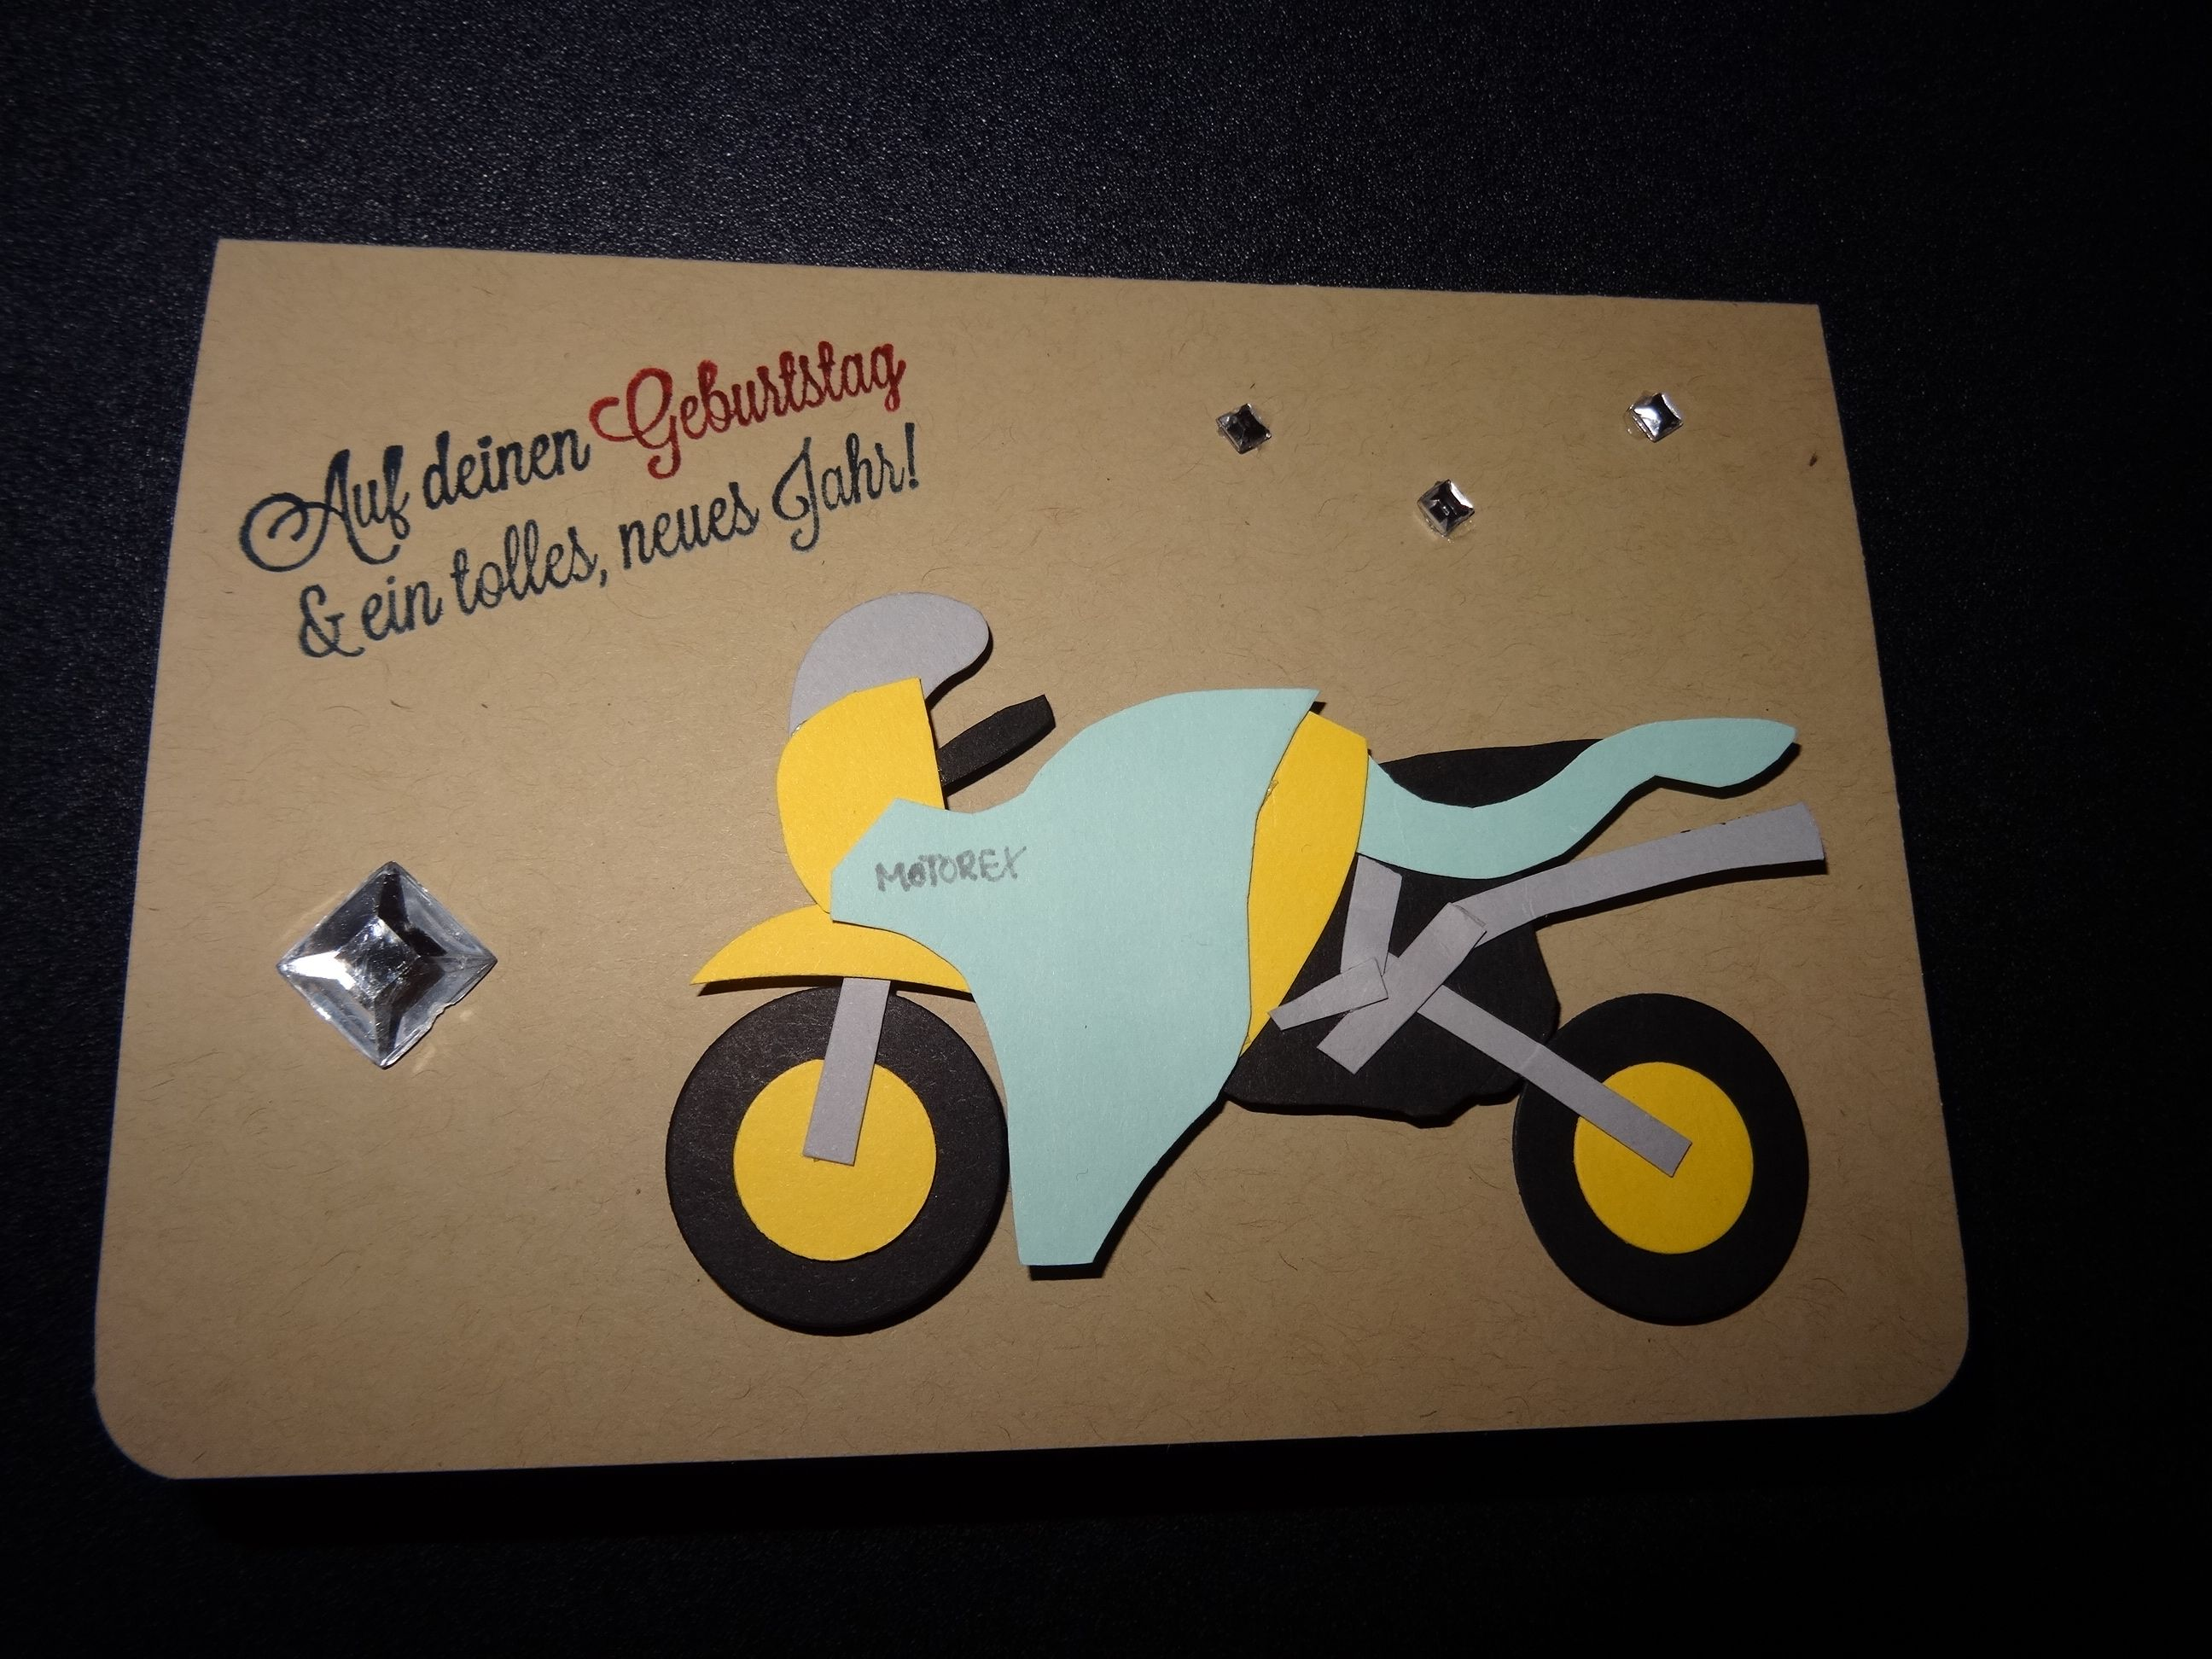 Stampin up karte geburtstag m nner geburtstagskarte biker motorrad teilweise su alles gute - Geburtstagskarte basteln mann ...